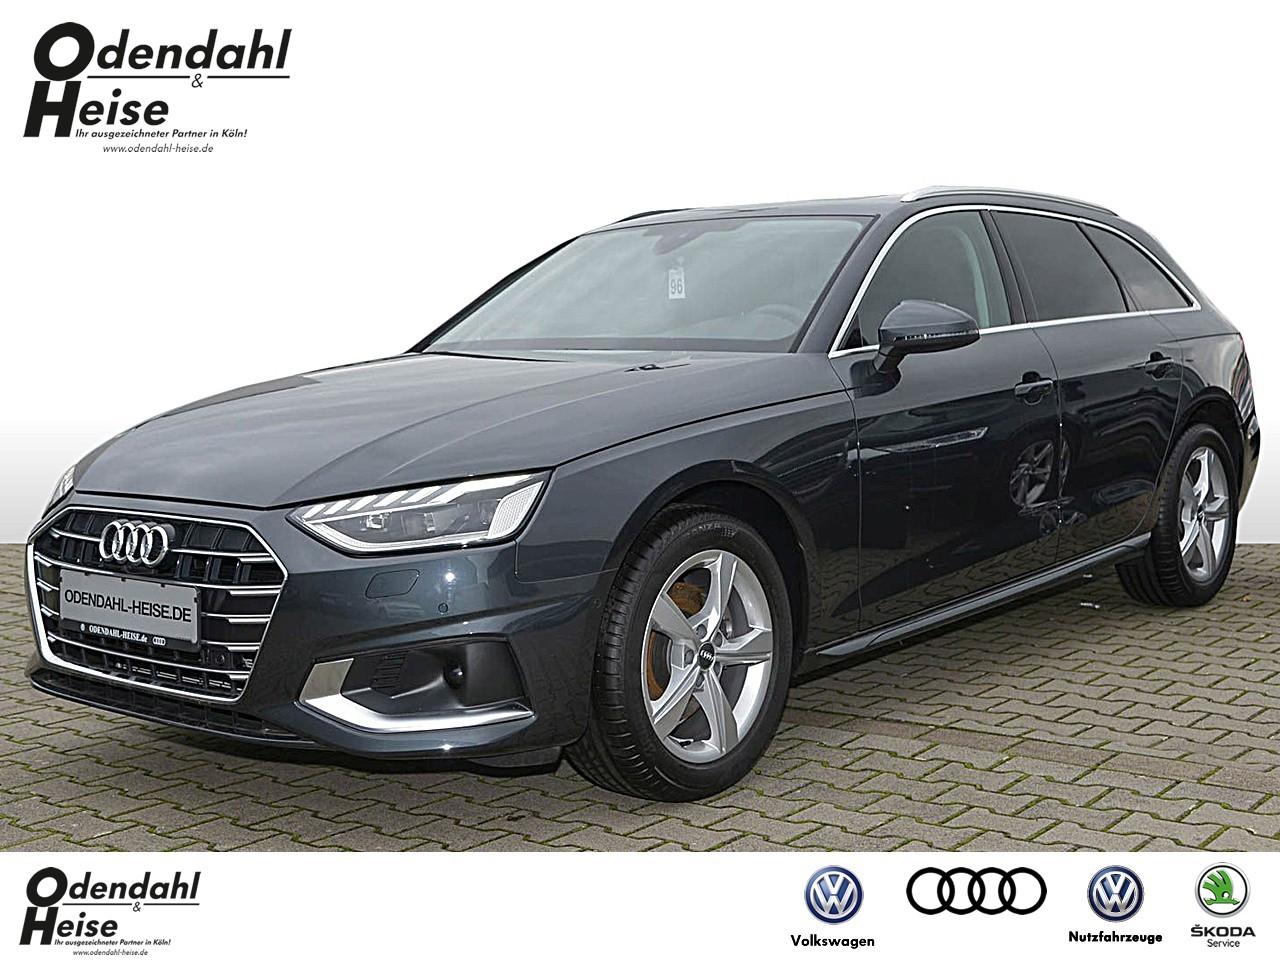 Audi A4 Avant advanced 30 TDI S tronic EU6 Klima, Jahr 2019, Diesel